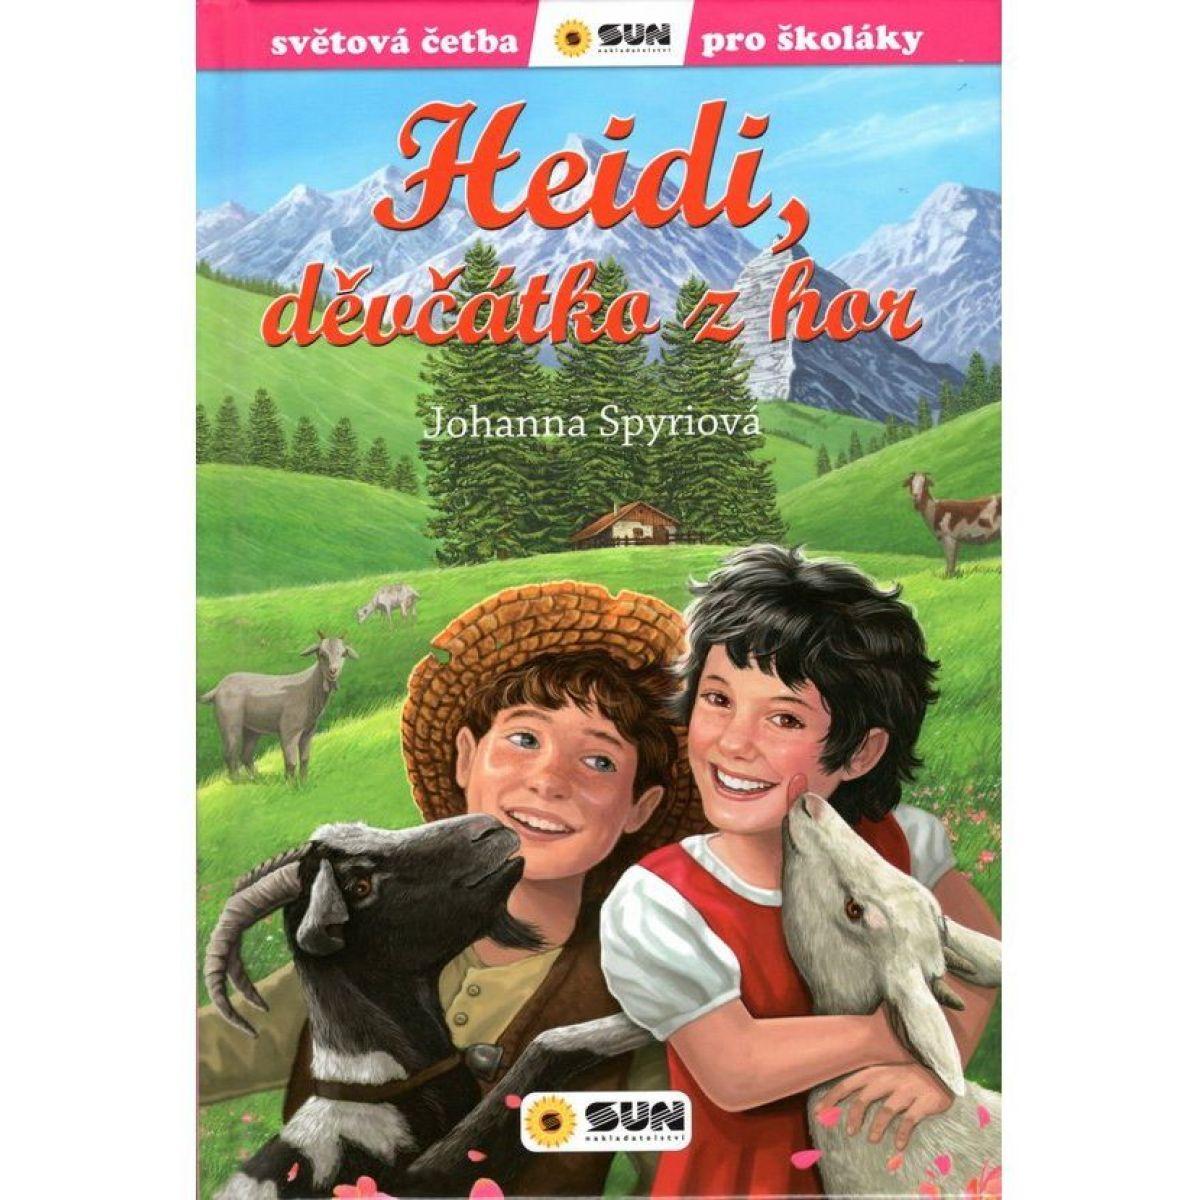 Svetová čítanie pre školákov Heidi